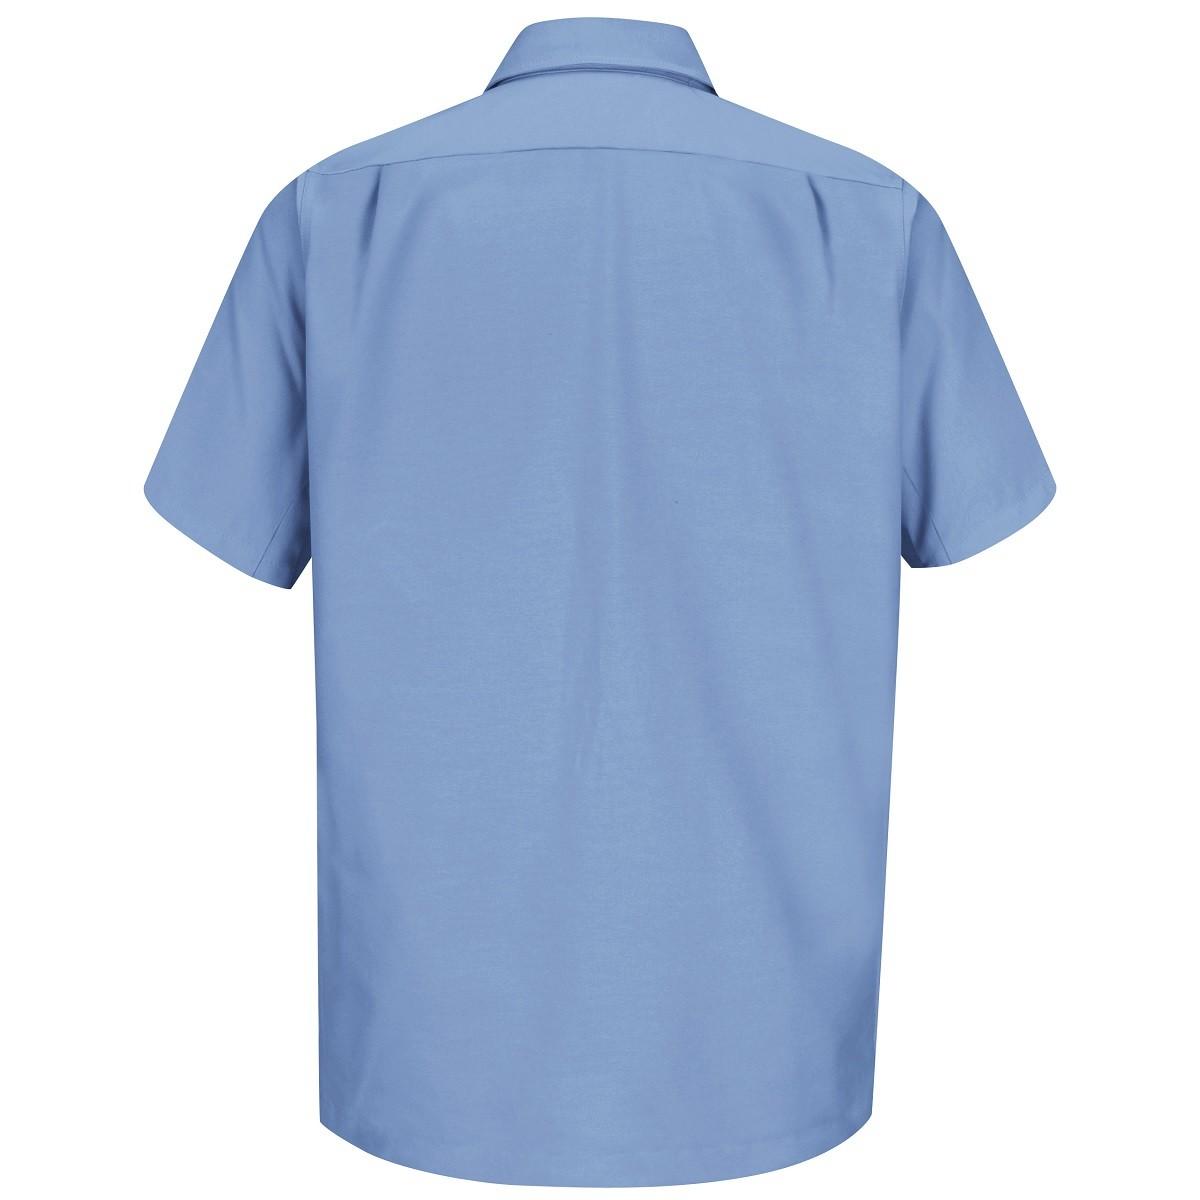 Wrangler Ws20 Men 39 S Short Sleeve Work Shirt Light Blue